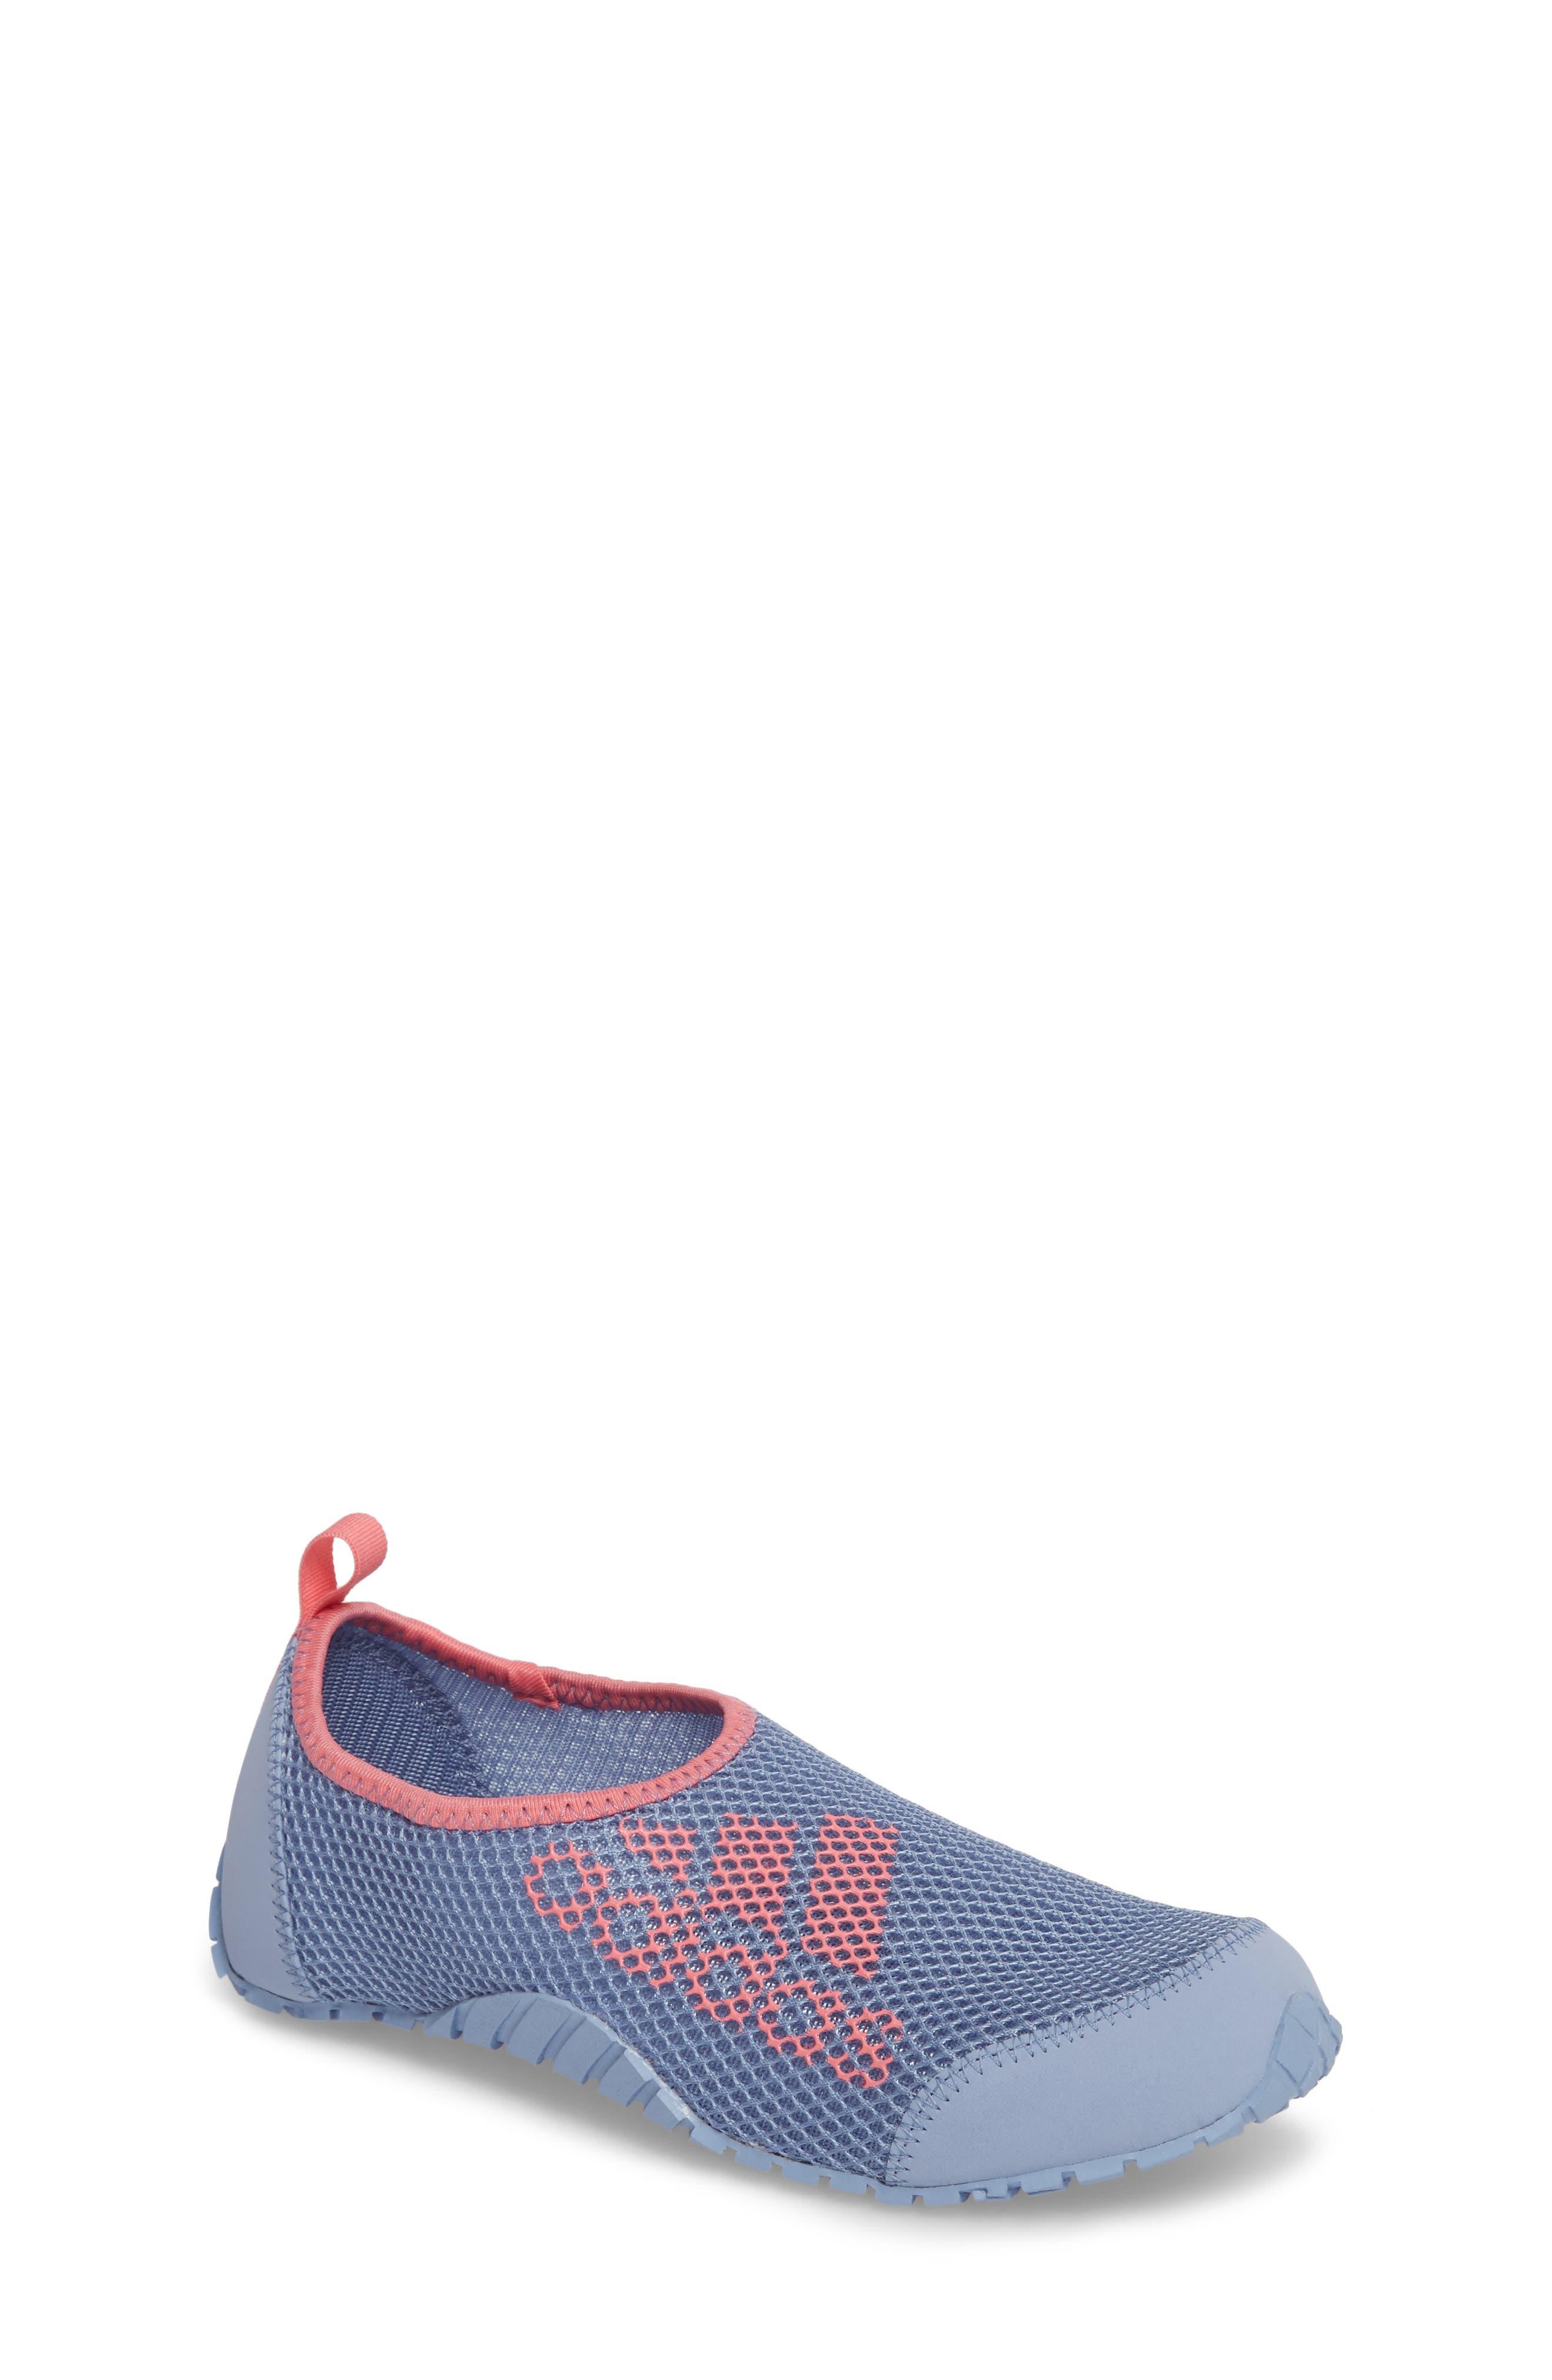 Main Image - adidas Kurobe Mesh Slip-On Water Shoe (Toddler, Little Kid & Big Kid)